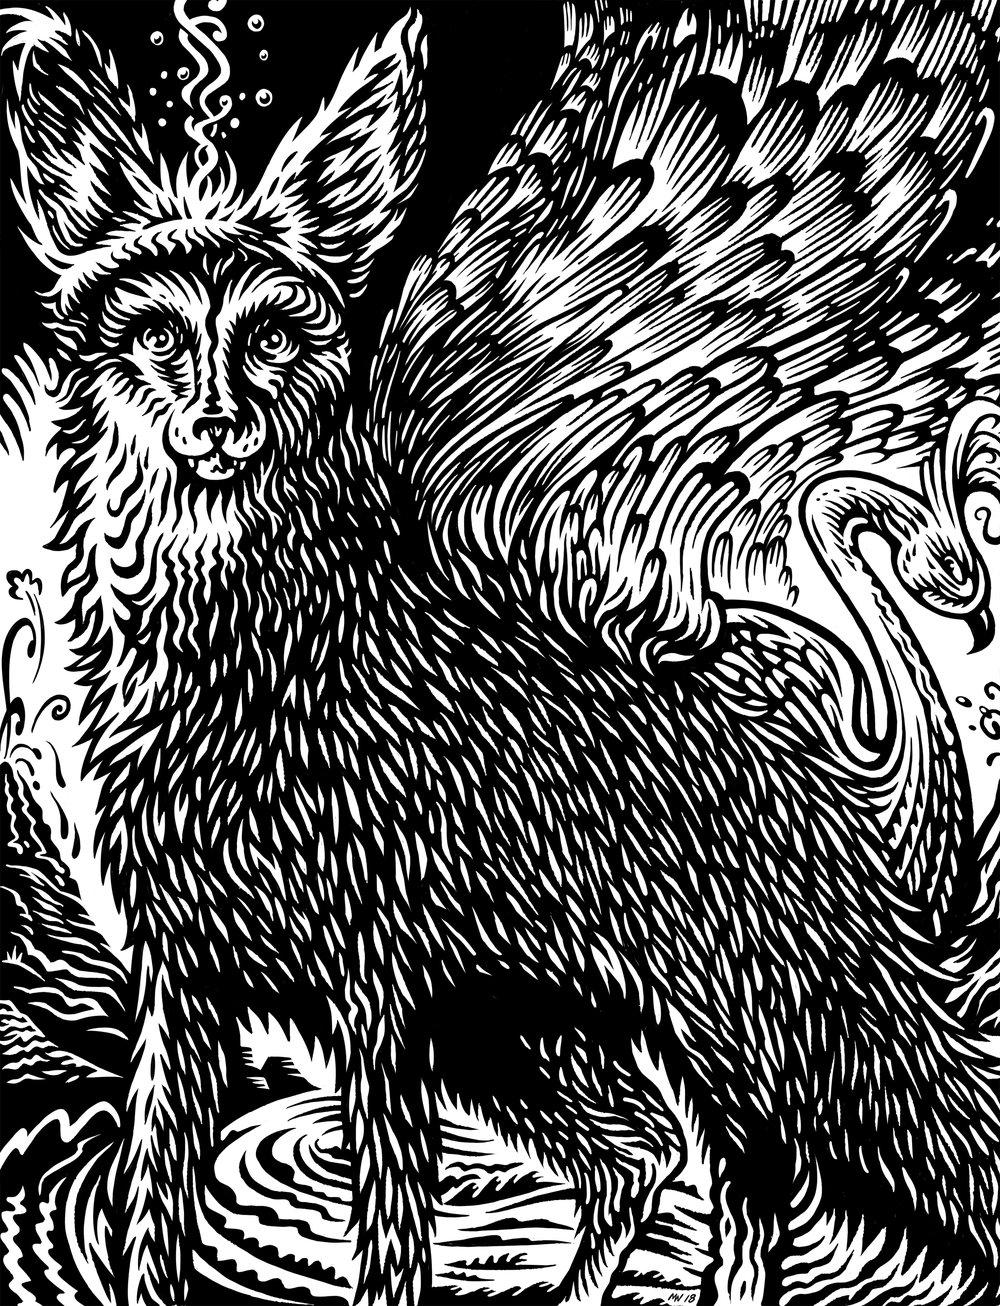 DESERT FOX 14x182color.jpg